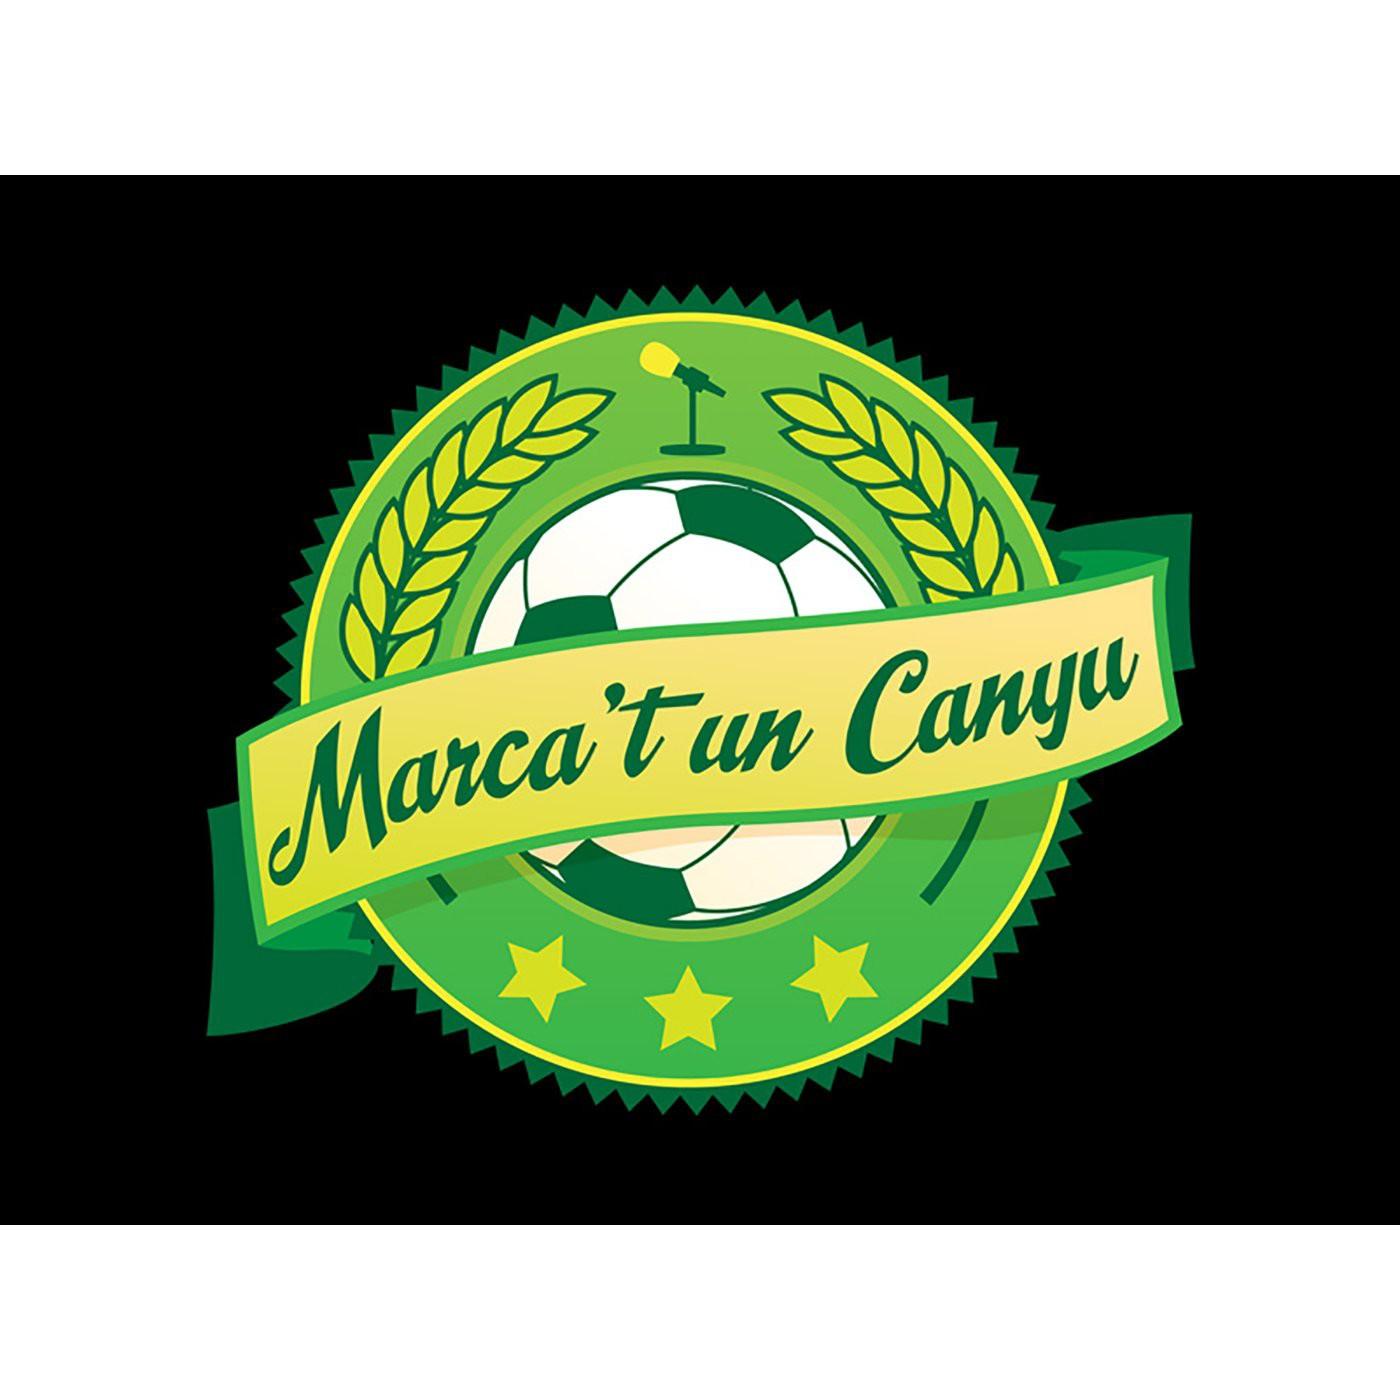 <![CDATA[Marca't un Canyu]]>